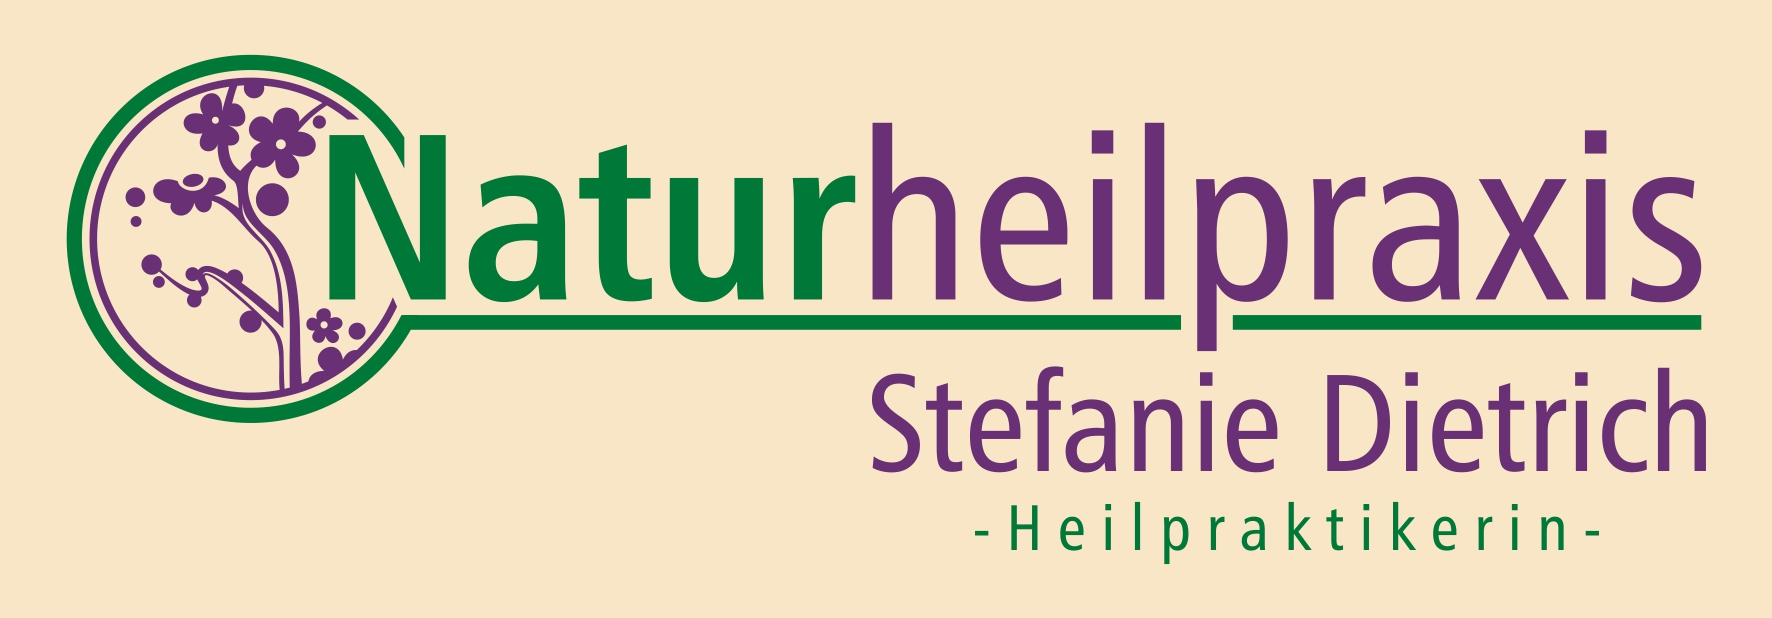 Logo Naturheilpraxis Stefanie Dietrich